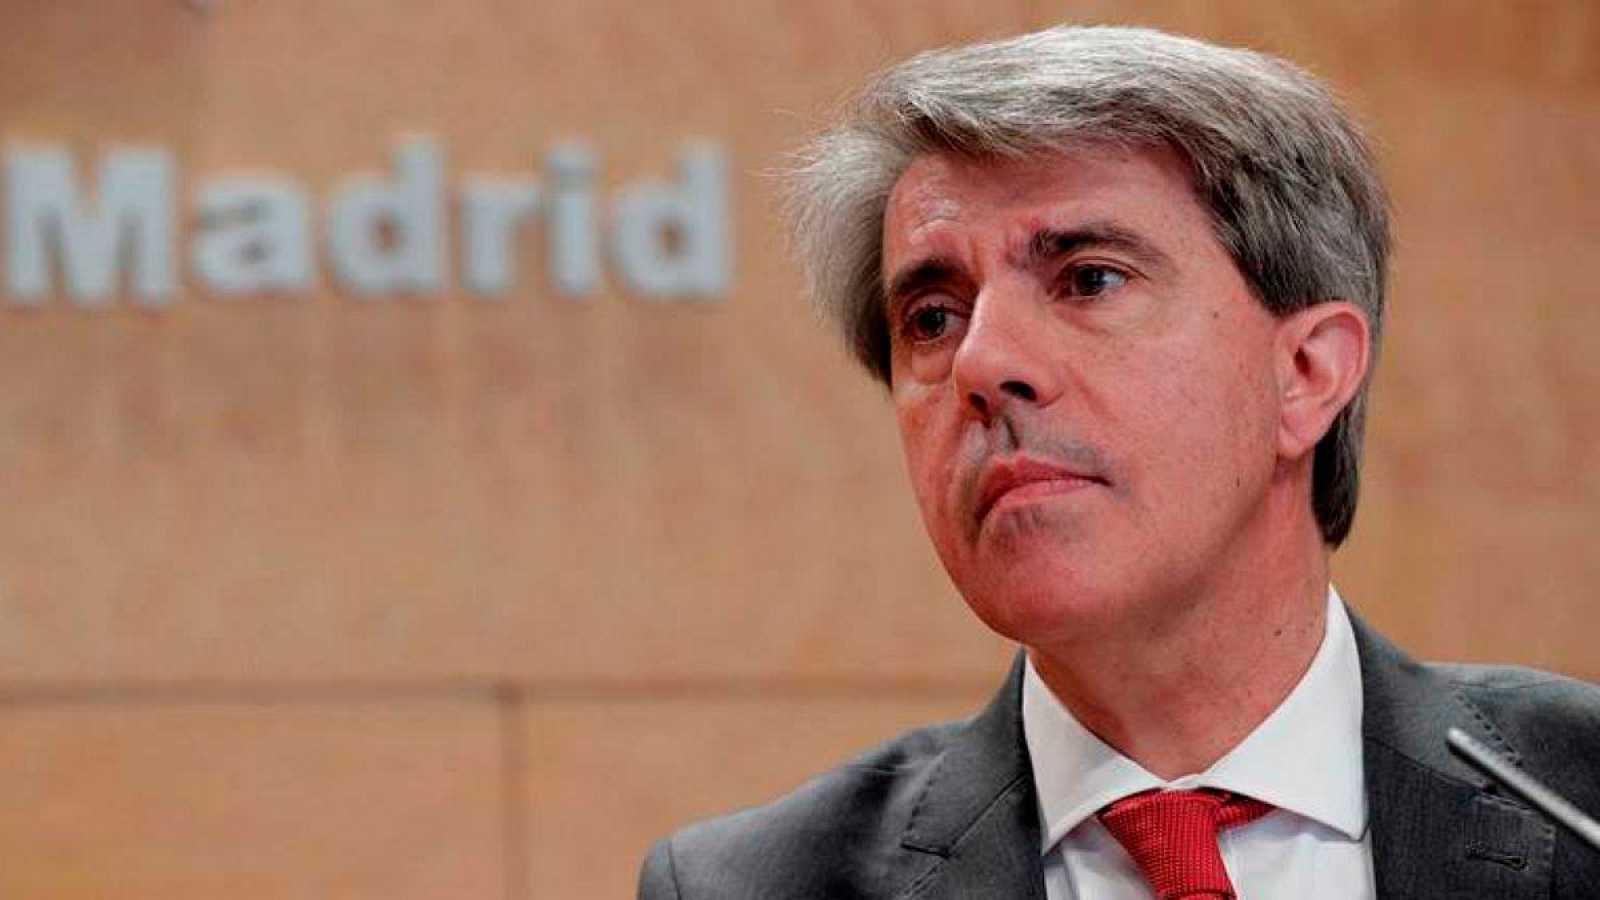 Resultado de imagen de El PP elige a Garrido para presidir la Comunidad de Madrid hasta 2019 rtv